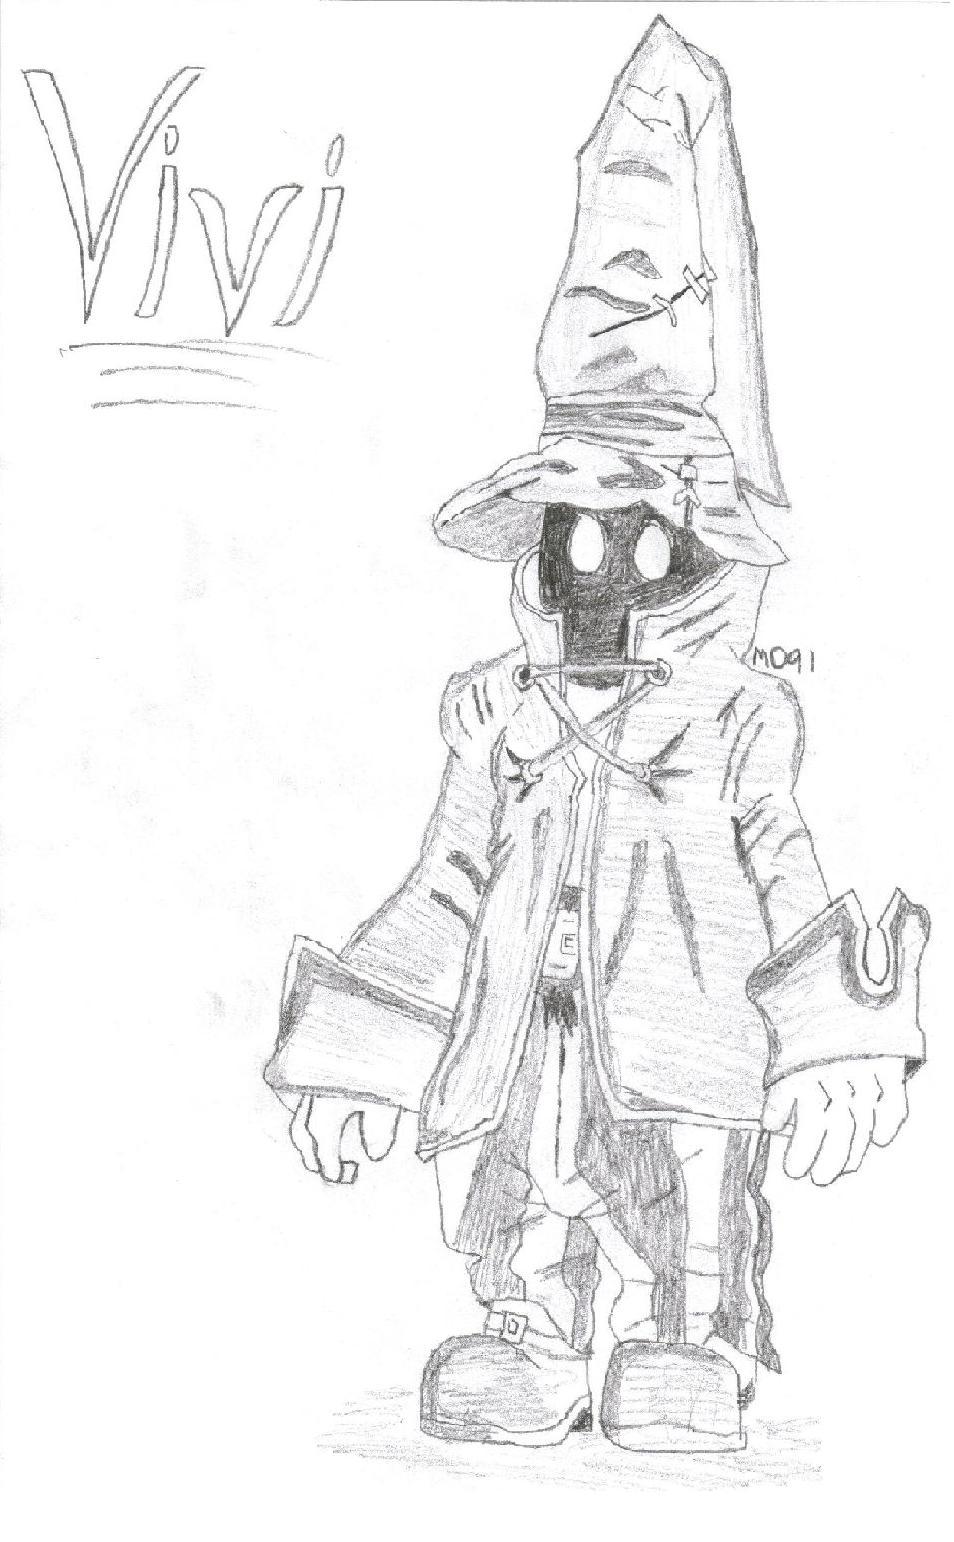 Vivi (mine) by md91